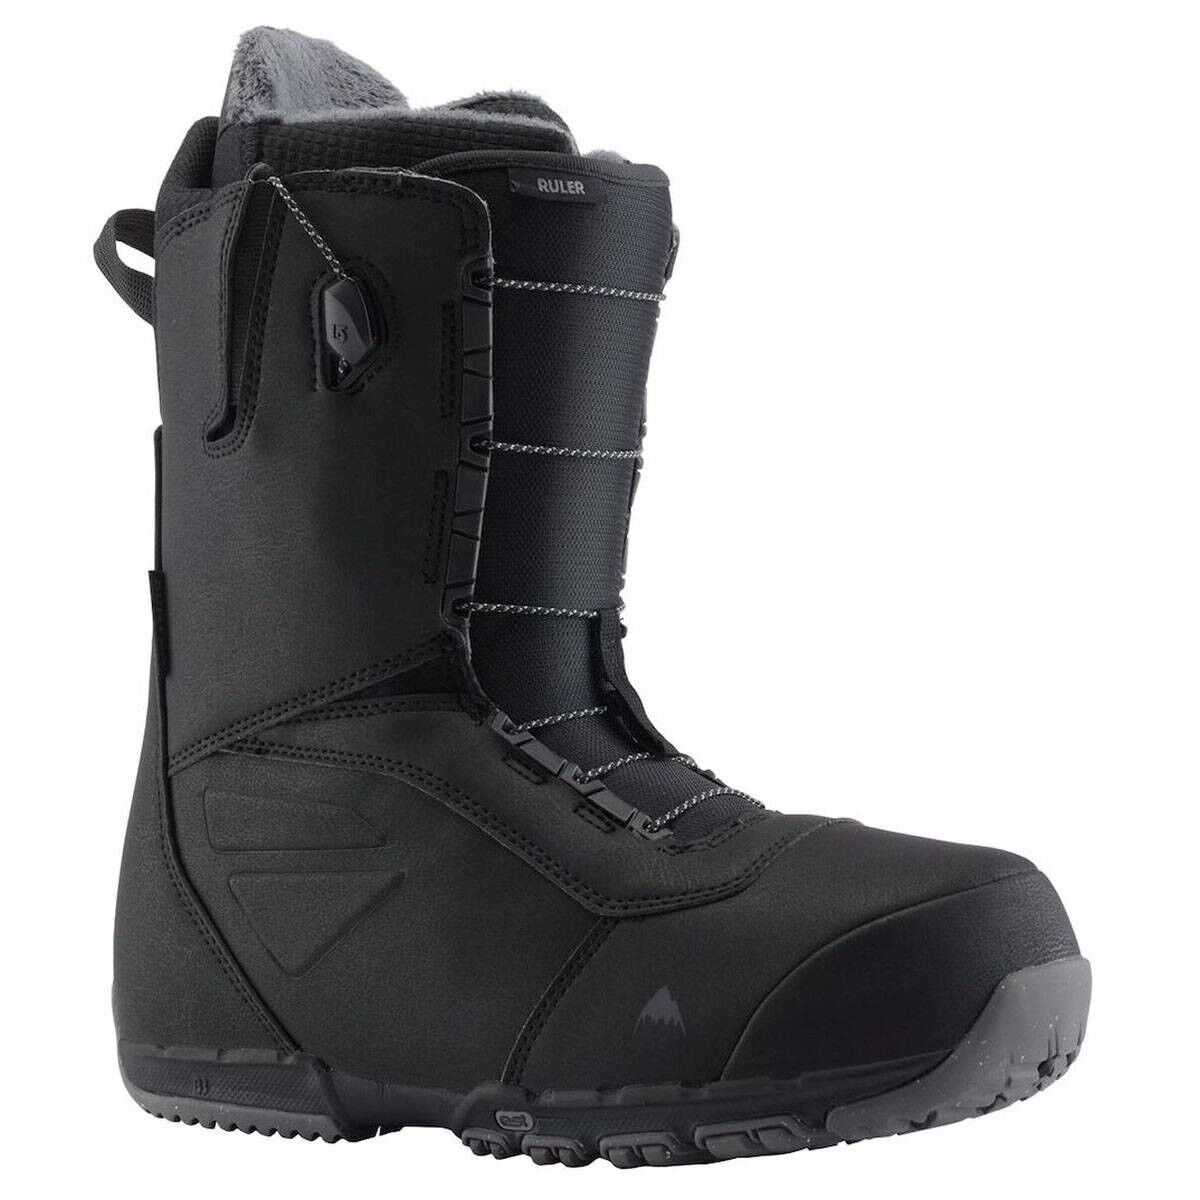 Burton Ruler Stiefel Snowboardschuhe schwarz